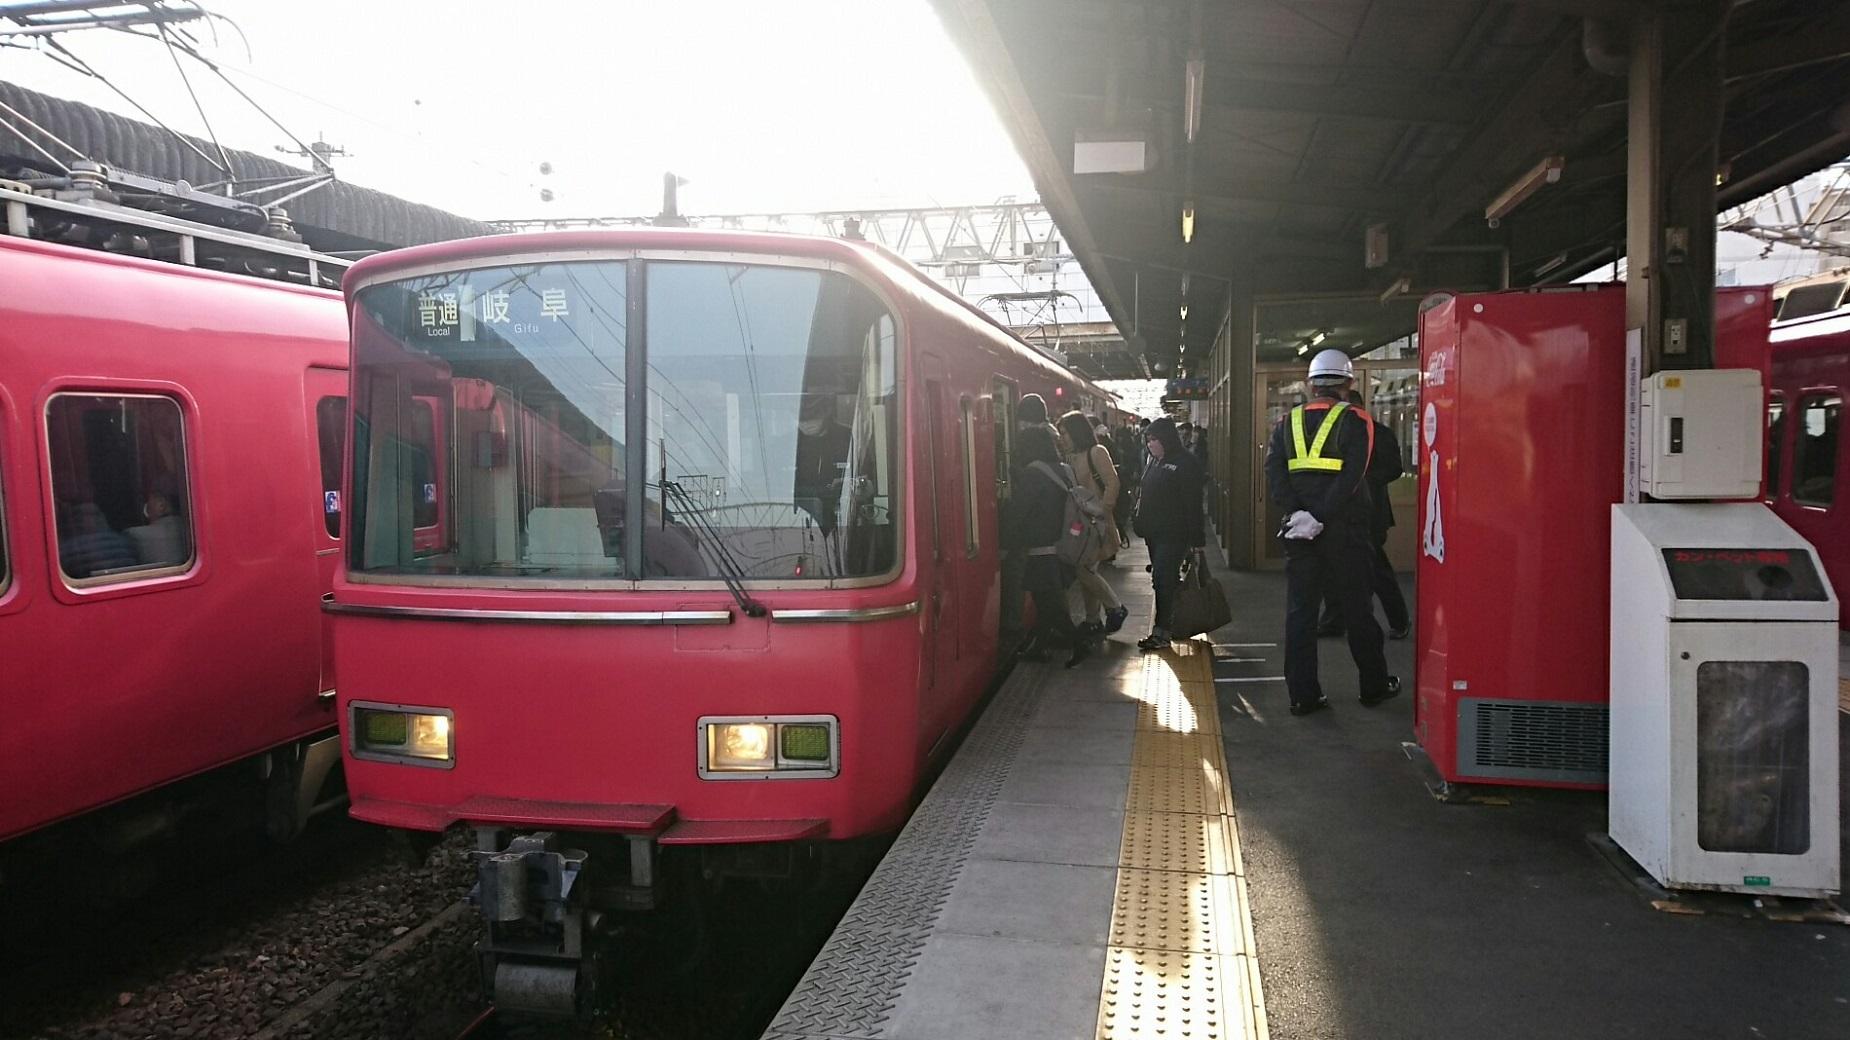 2018.2.19 岐阜 (54) 須ヶ口 - 岐阜いきふつう 1850-1040